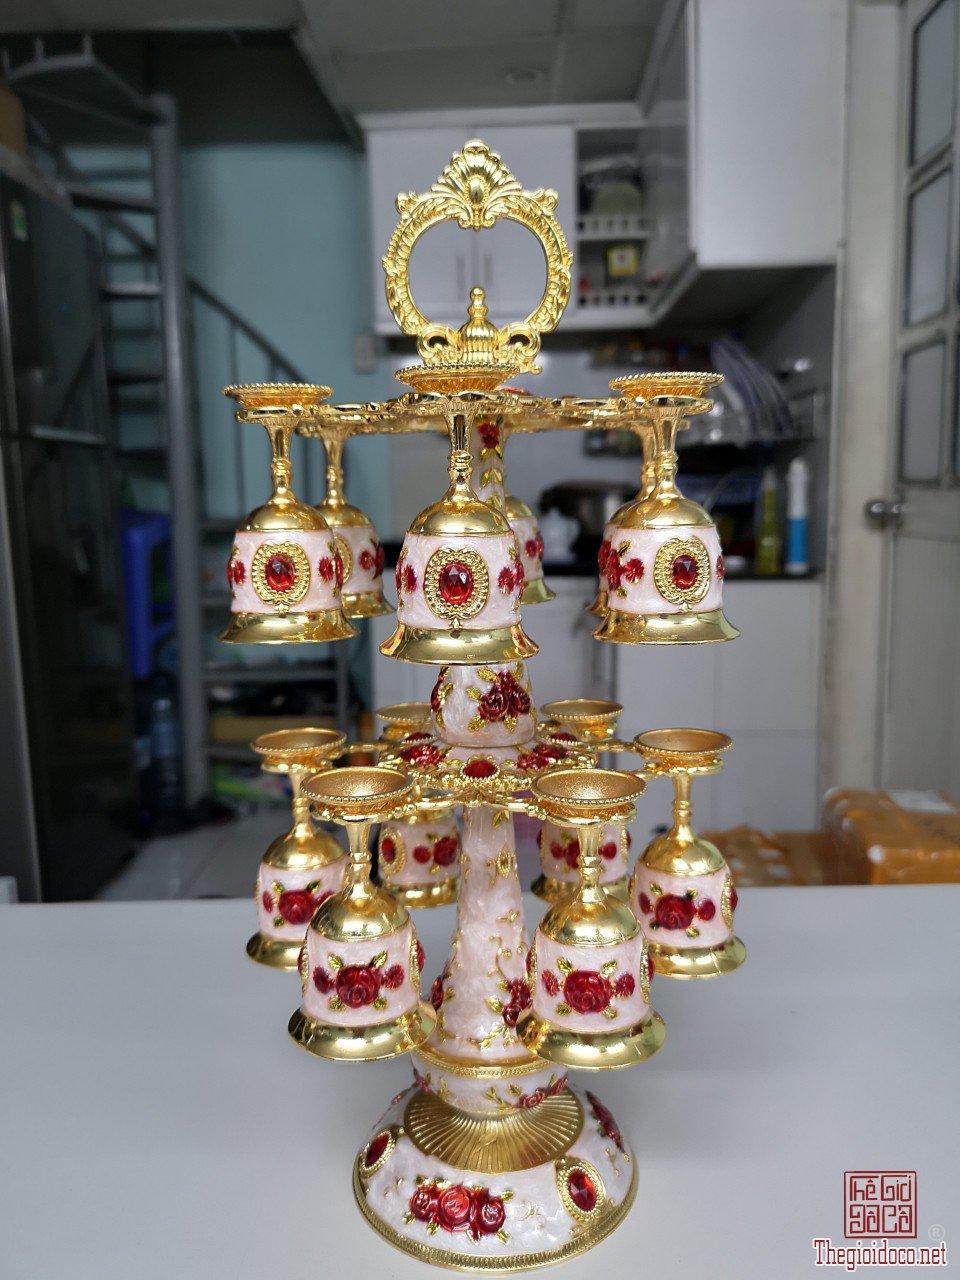 Bộ ly treo mạ vàng độc lạ quý hiếm hoa văn tuyệt đẹp bán sỉ và lẻ